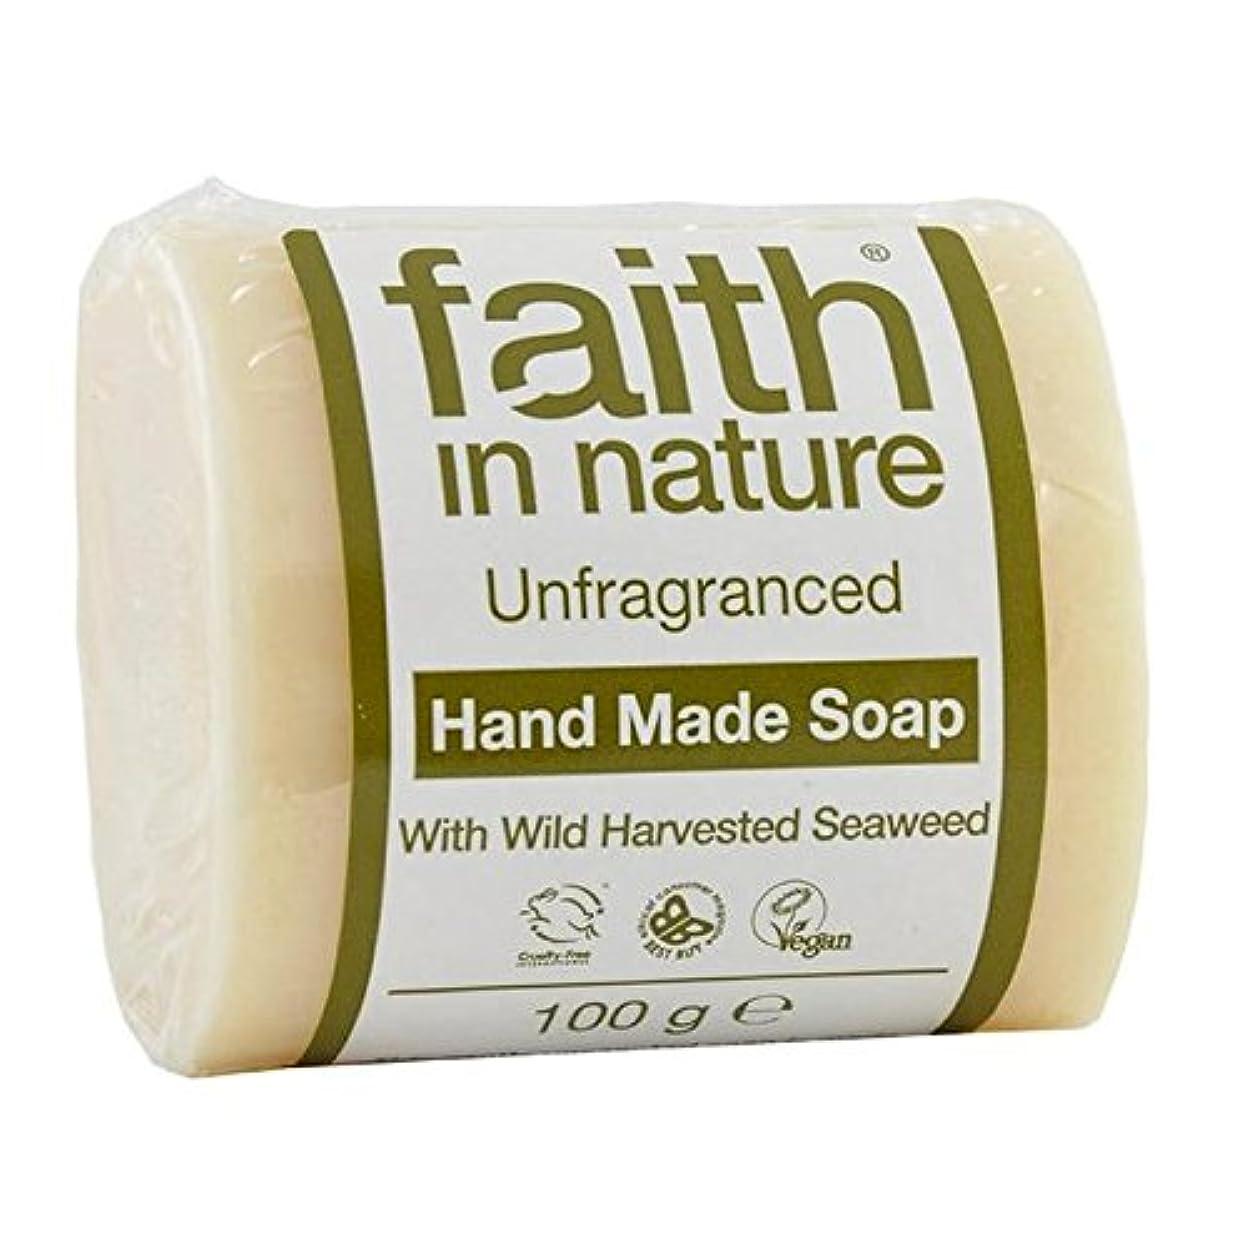 浸した上にところでFaith in Nature Unfragranced Pure Hand Made Soap 100g - (Faith In Nature) 自然の中で信仰は純粋な手作り石鹸100グラムを無香料 [並行輸入品]